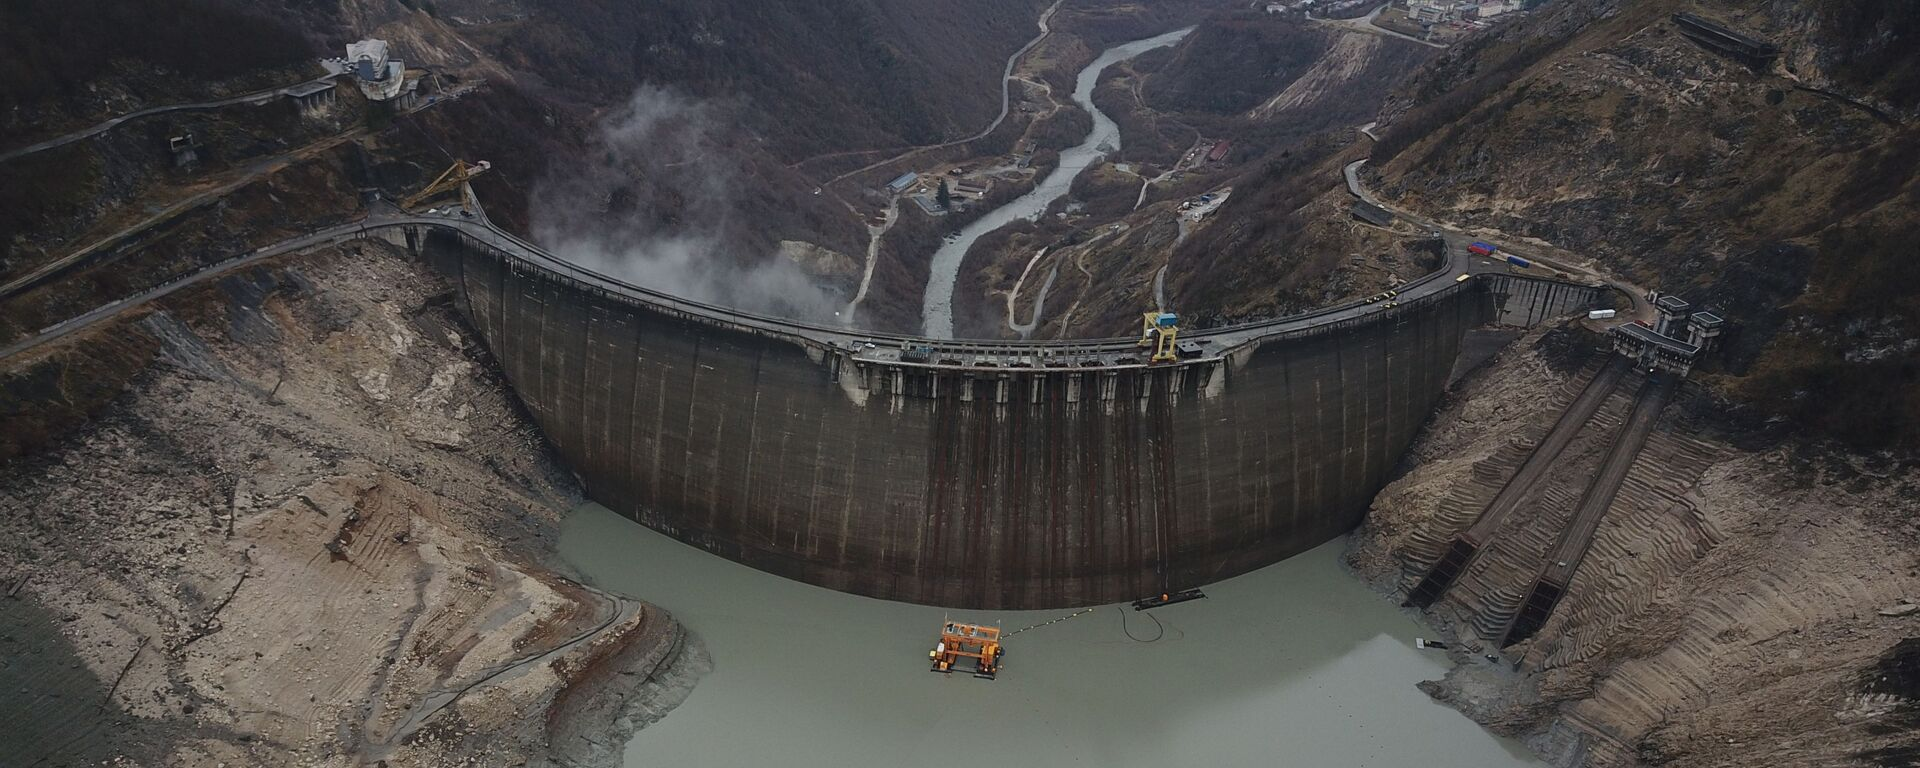 Ингури ГЭС - вид сверху на водохранилище и плотину, где зимой понижен уровень воды - Sputnik Грузия, 1920, 01.09.2021